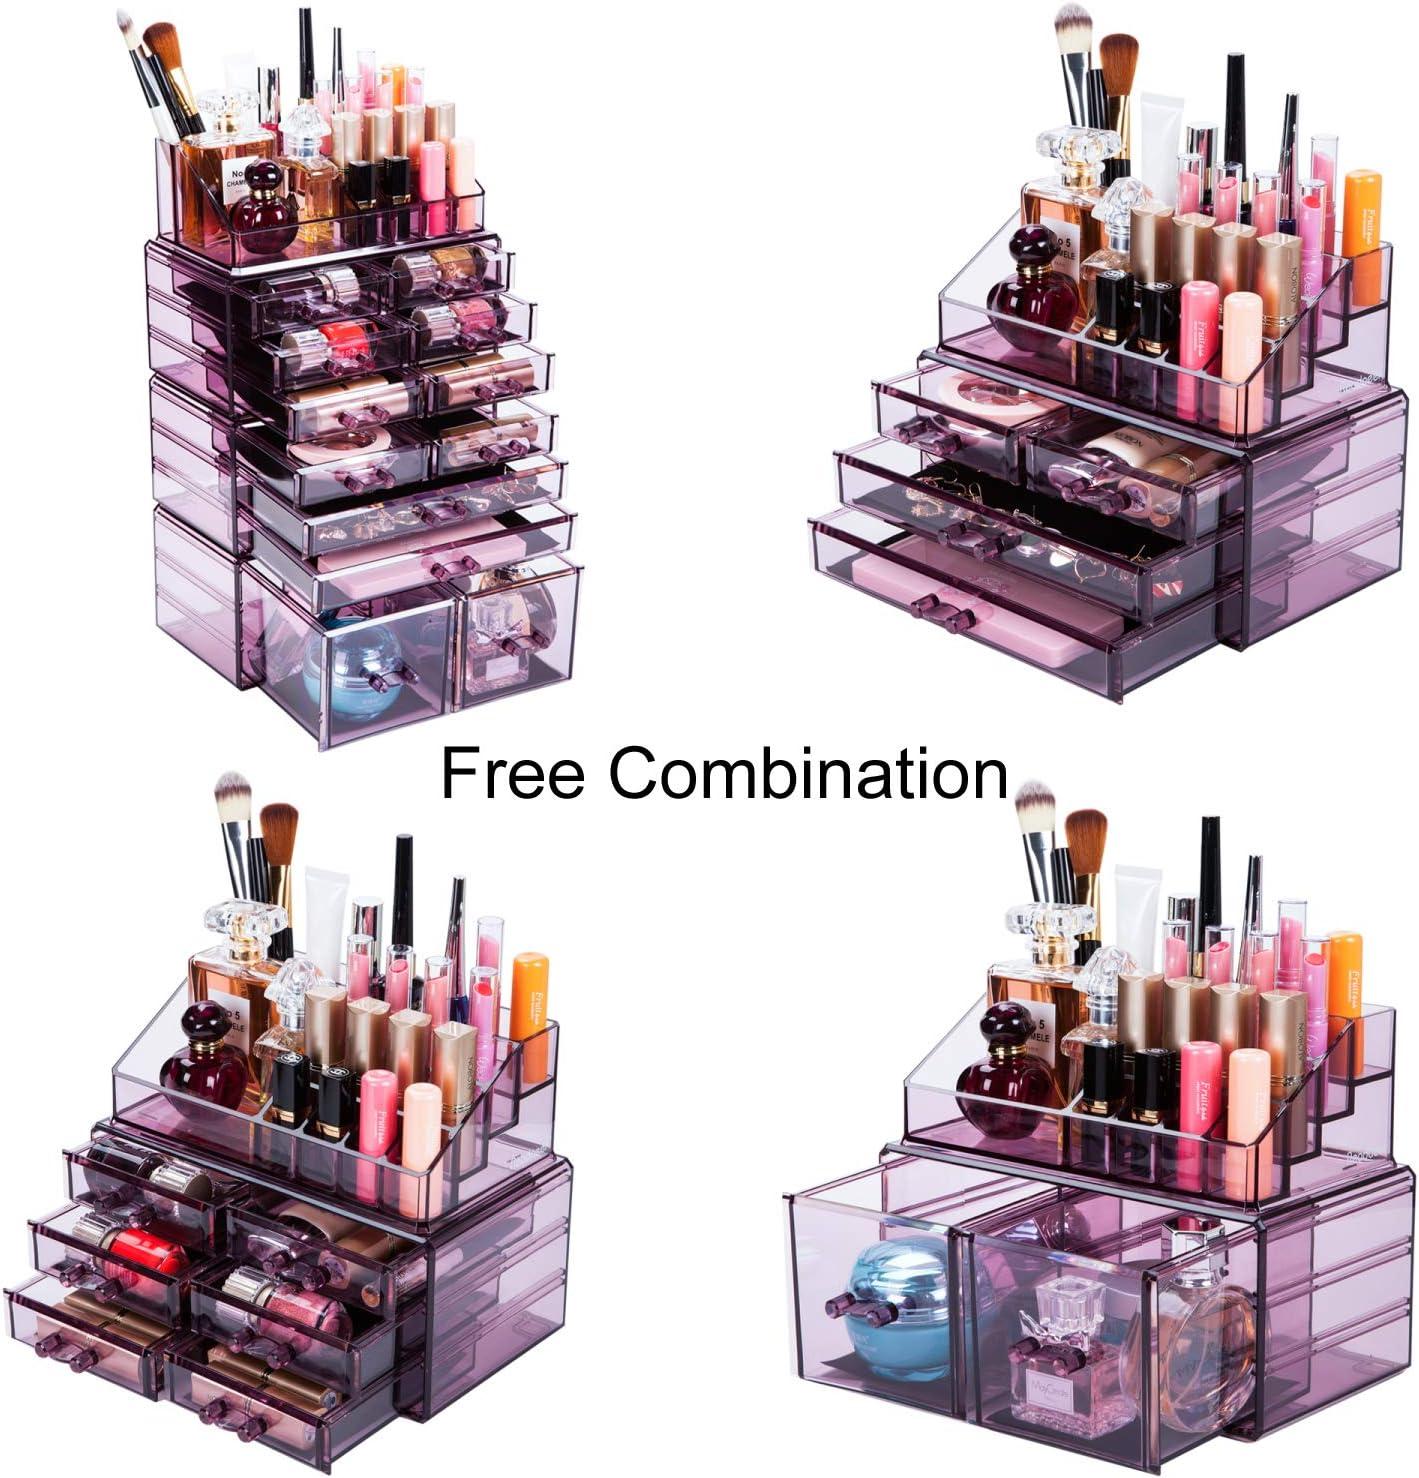 Readaeer Organisateur pour Maquillage Bo/îte de Rangement Cosm/étiques avec 12 Tiroirs Violet